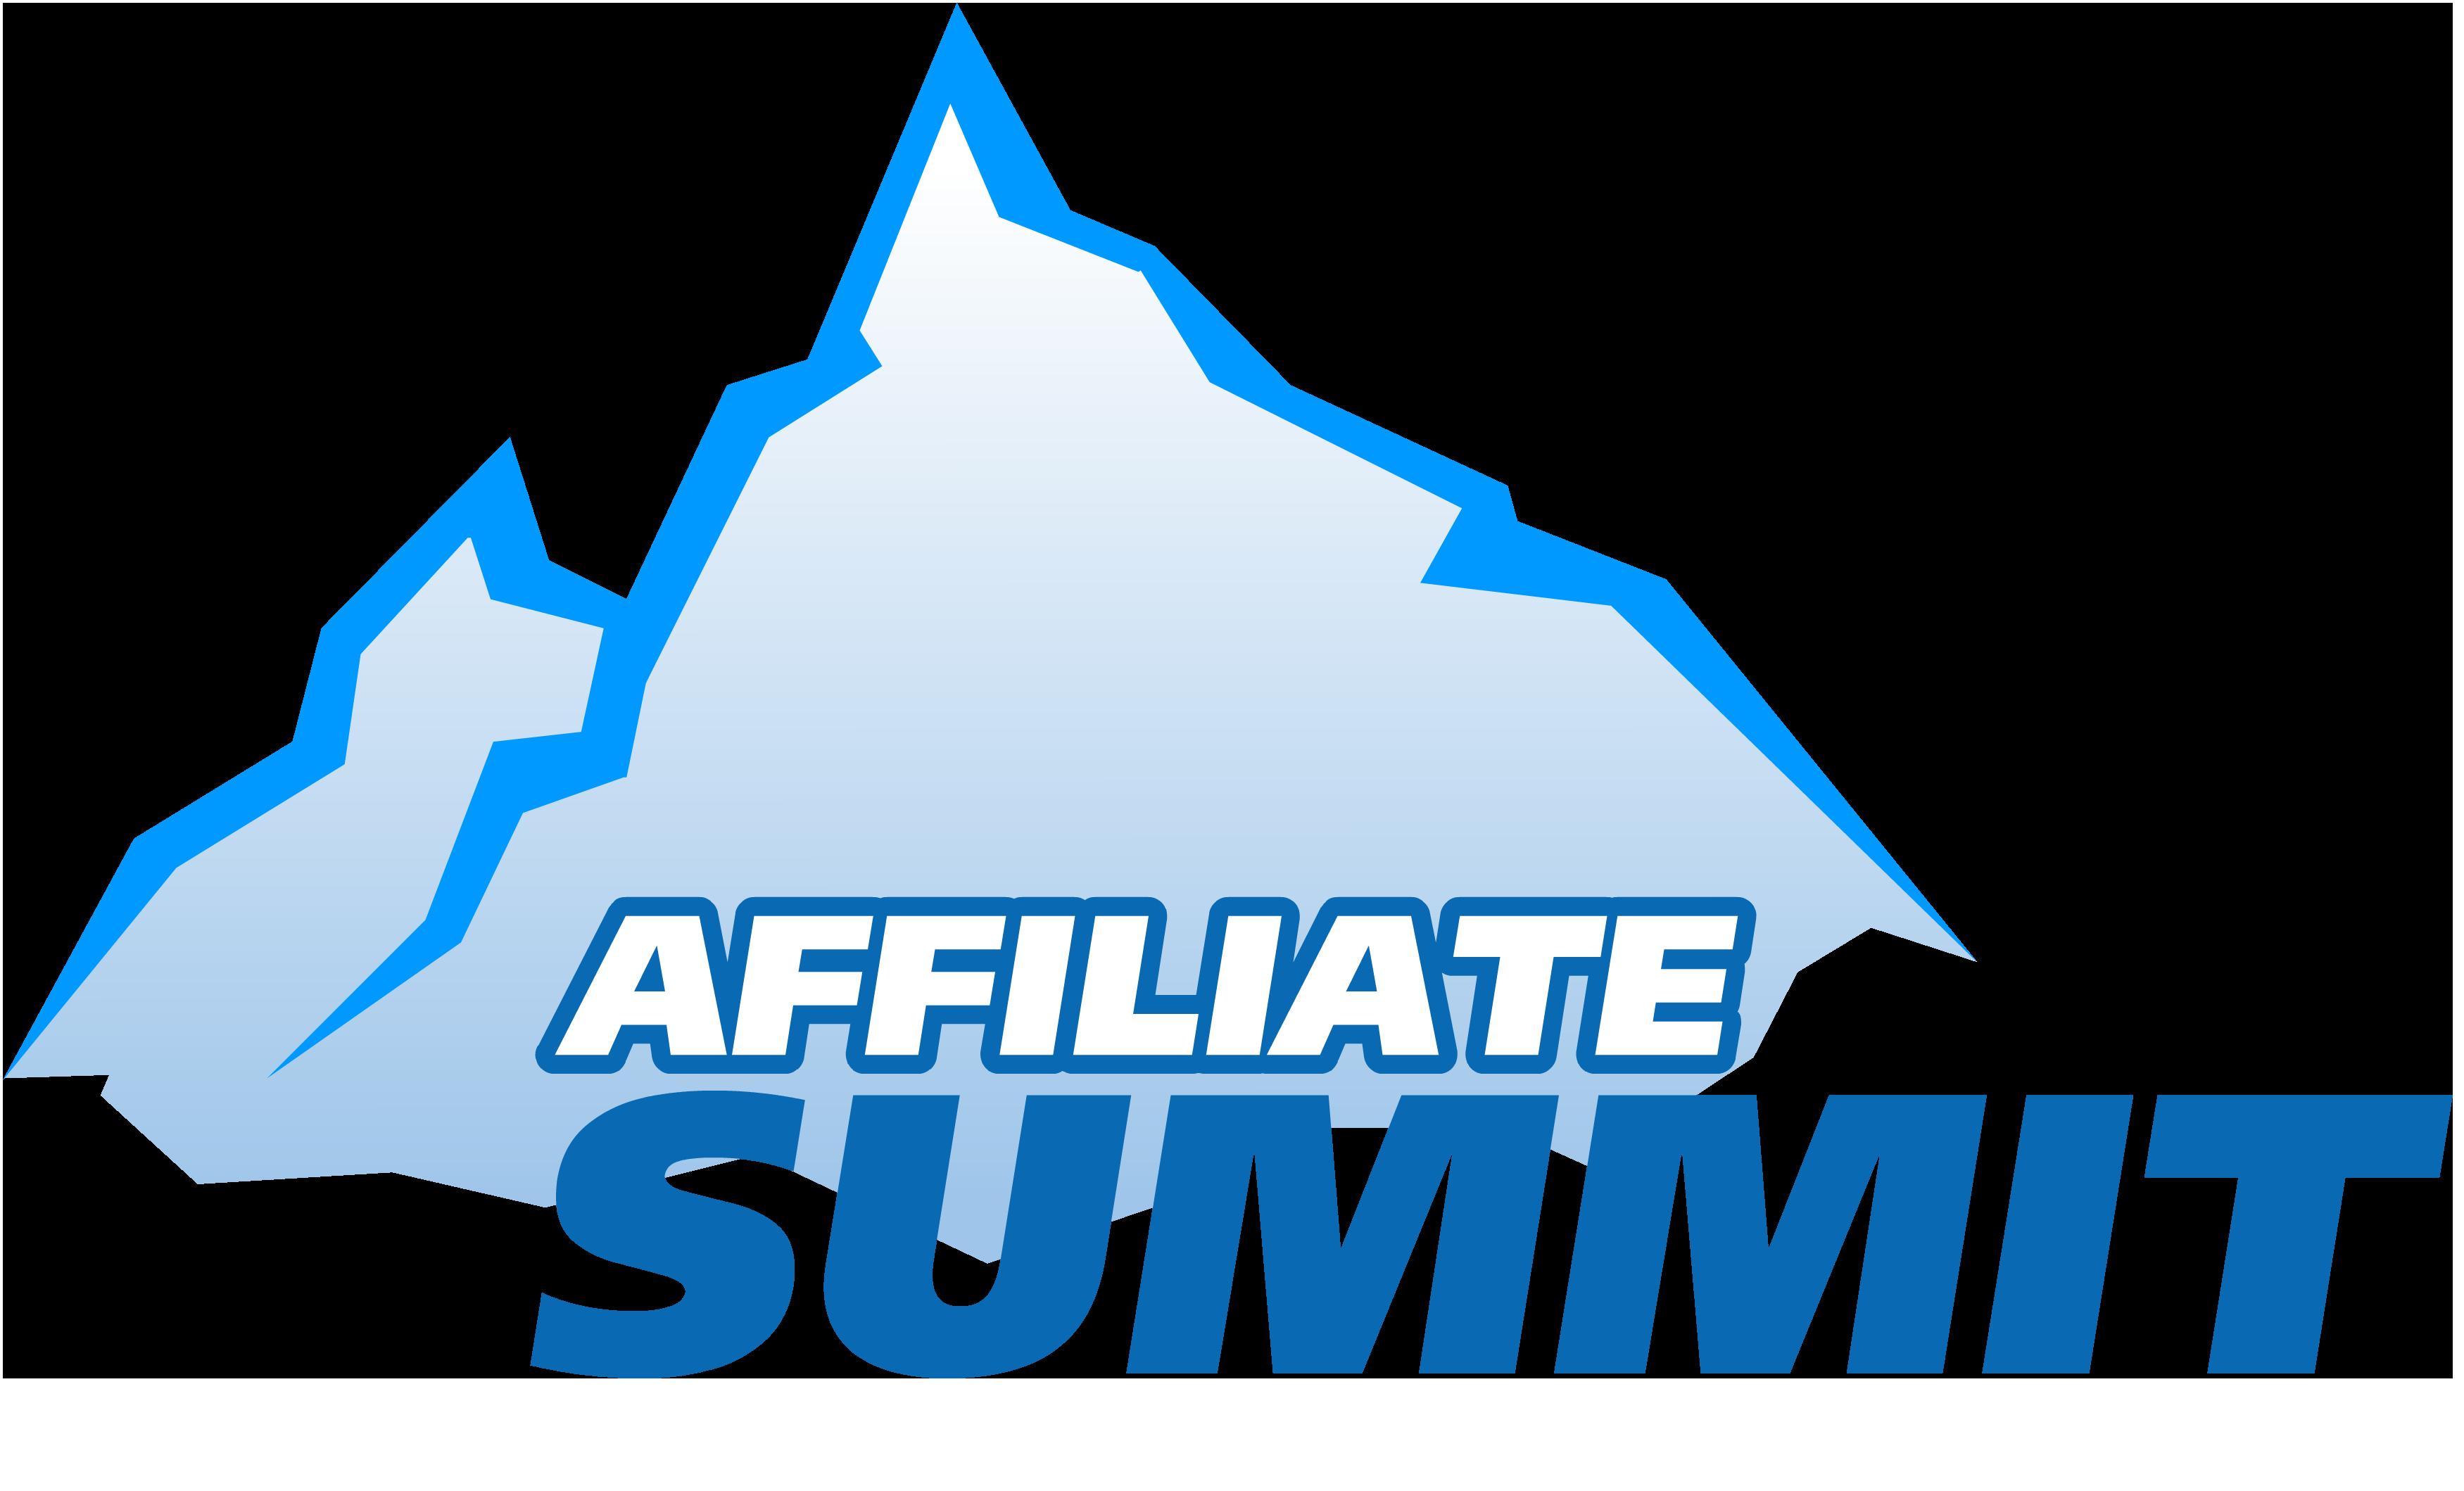 Affiliate Summit in Las Vegas 2009